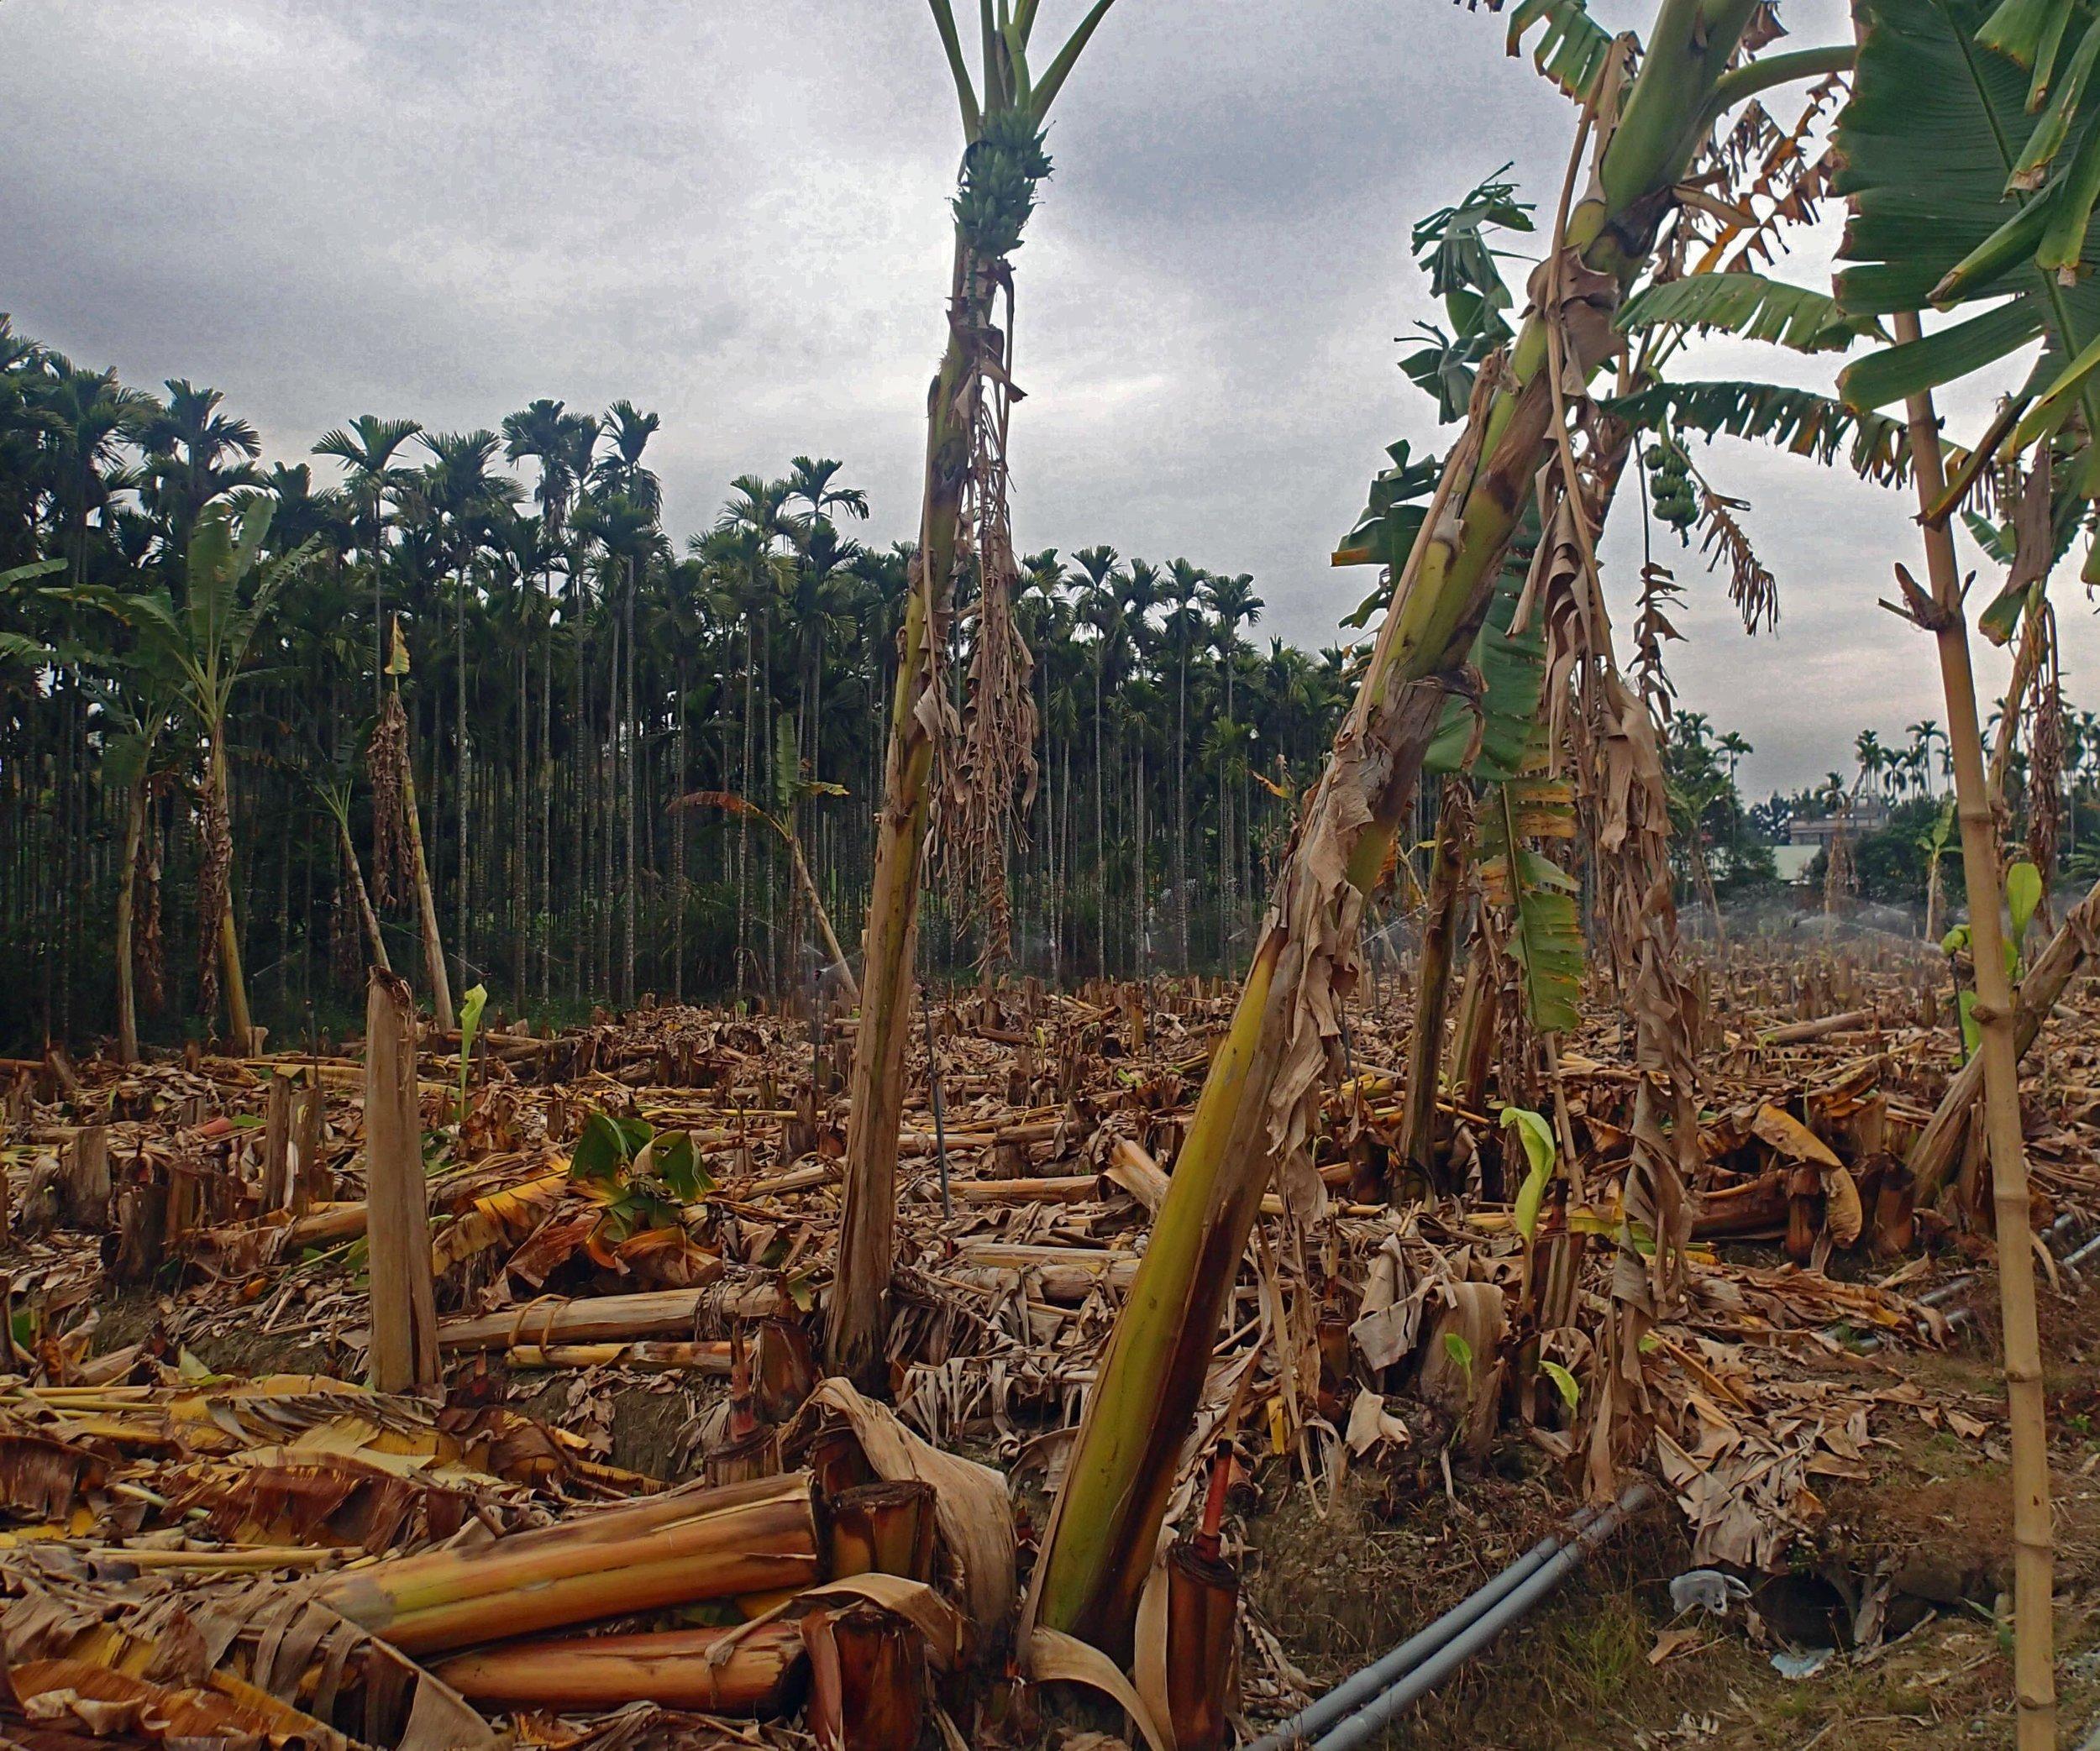 banana farm.jpg